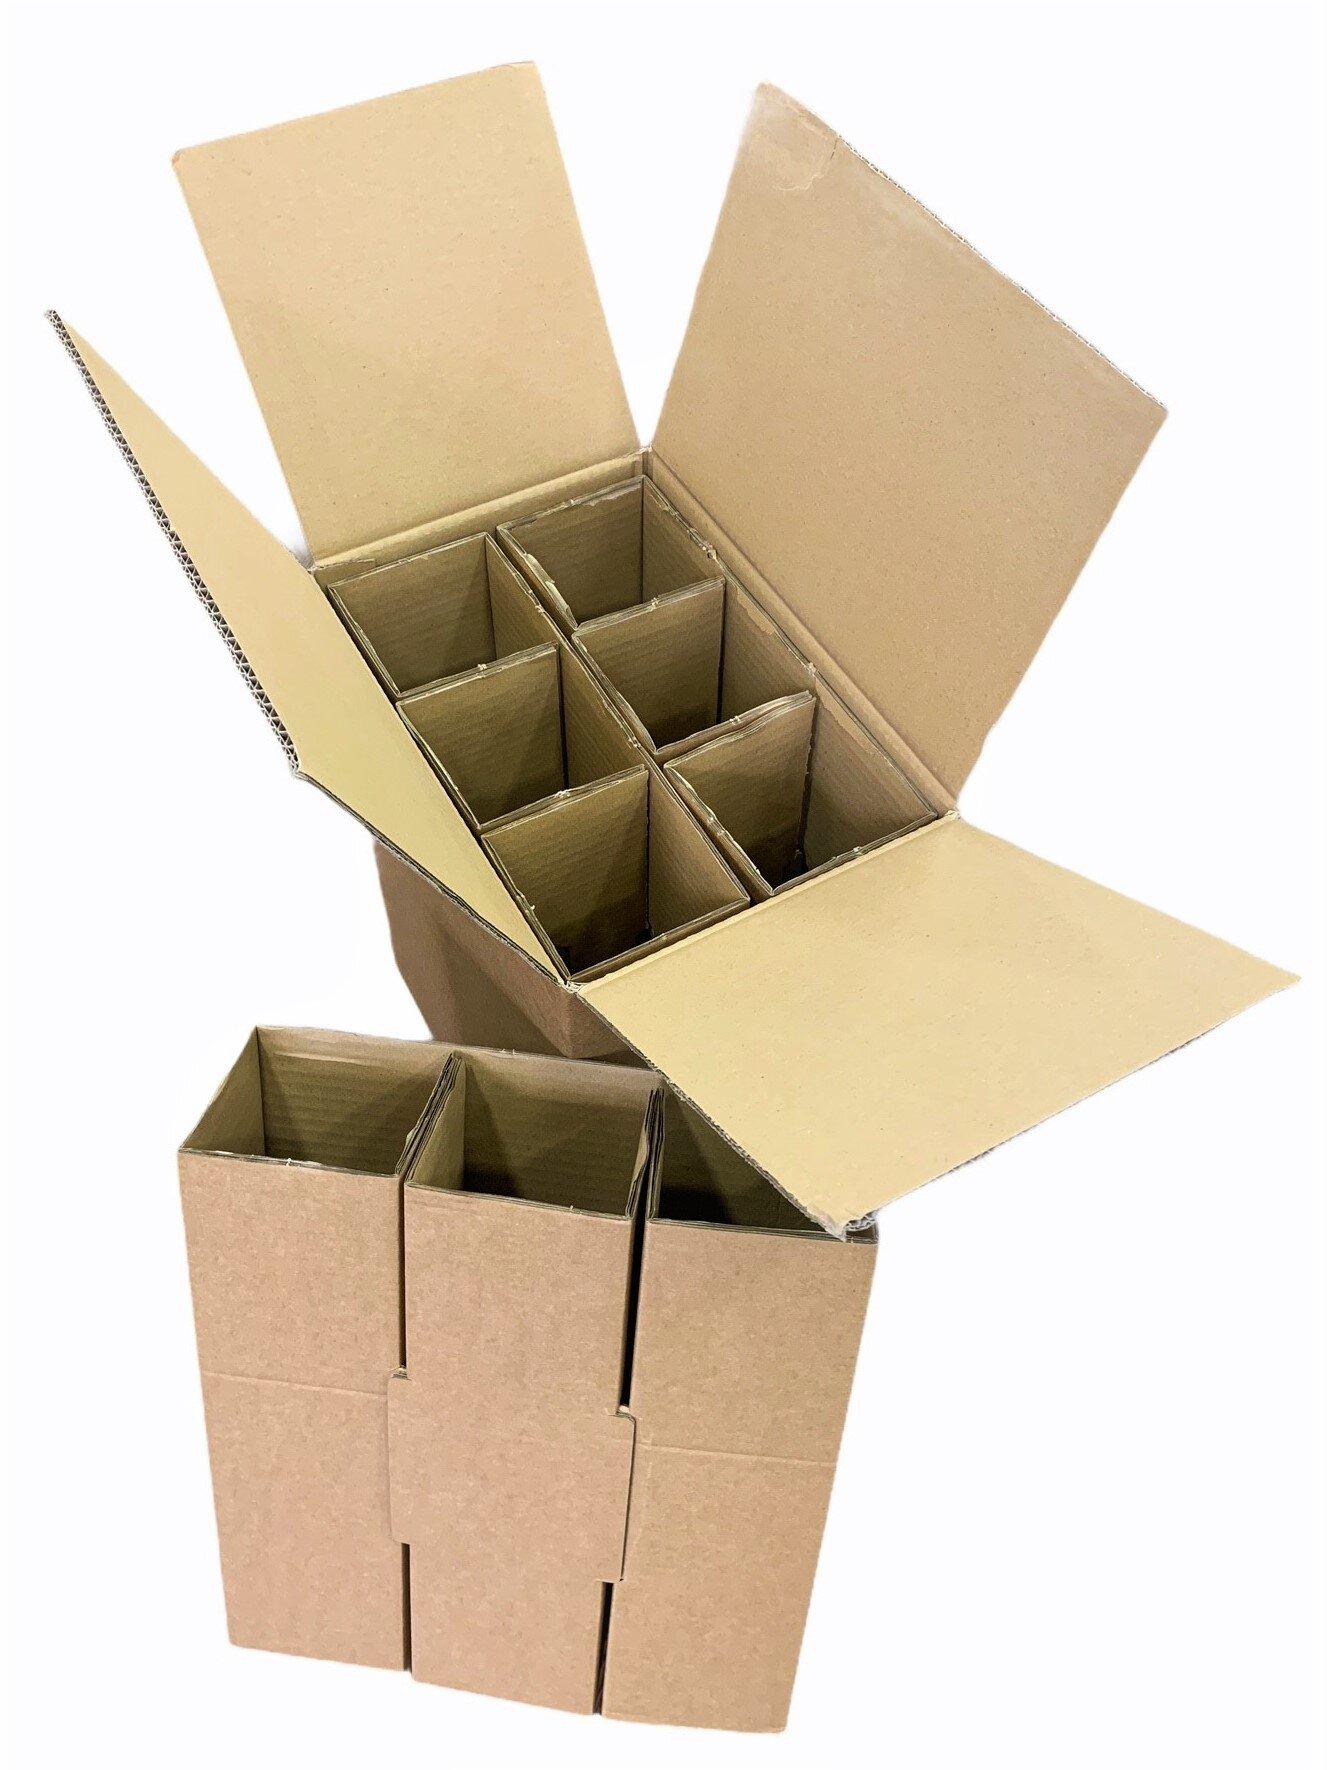 6 Bottle Postal Box. (10)